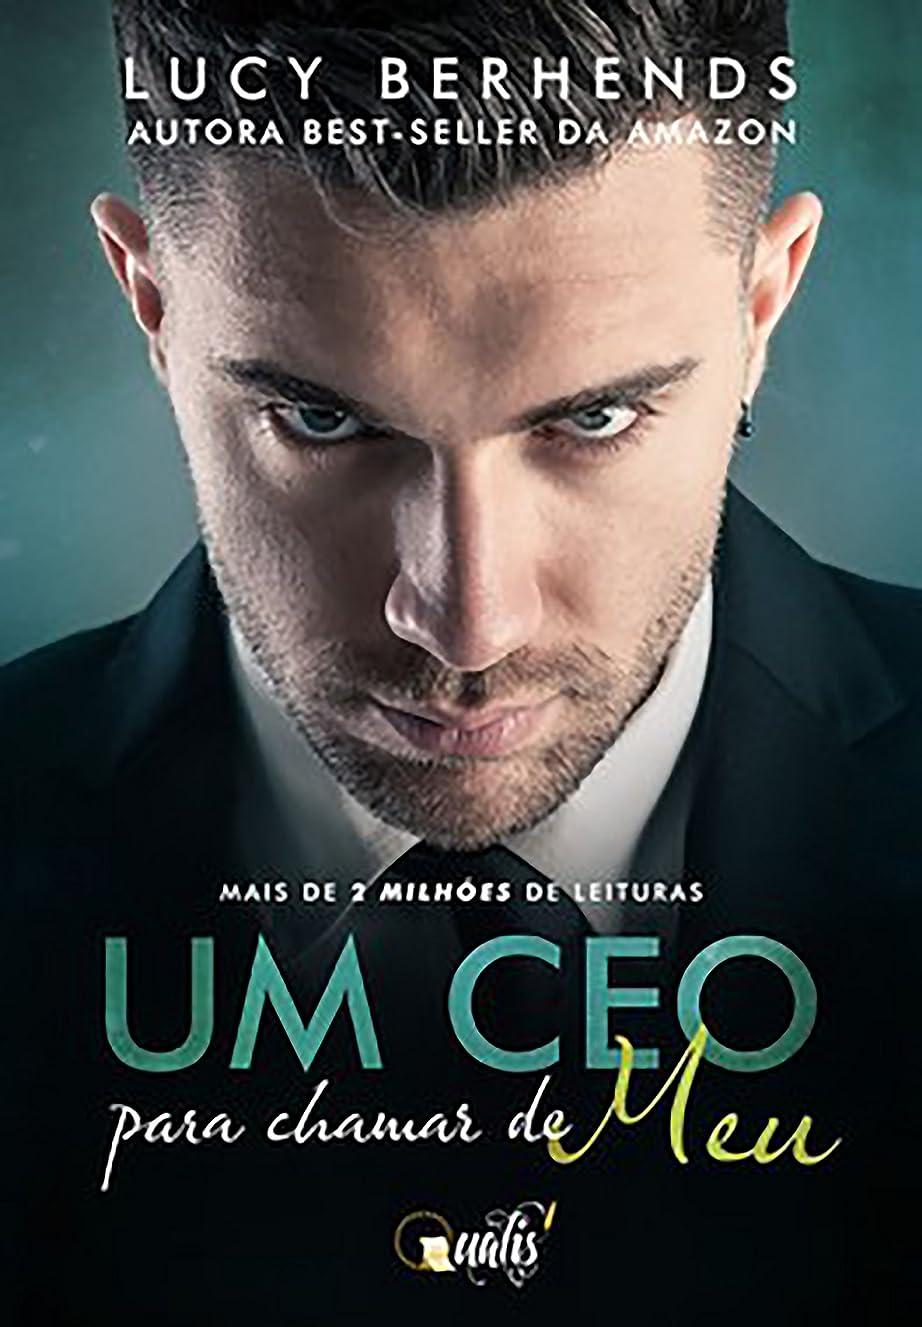 予知カウントアップウサギUm CEO para chamar de meu (Portuguese Edition)